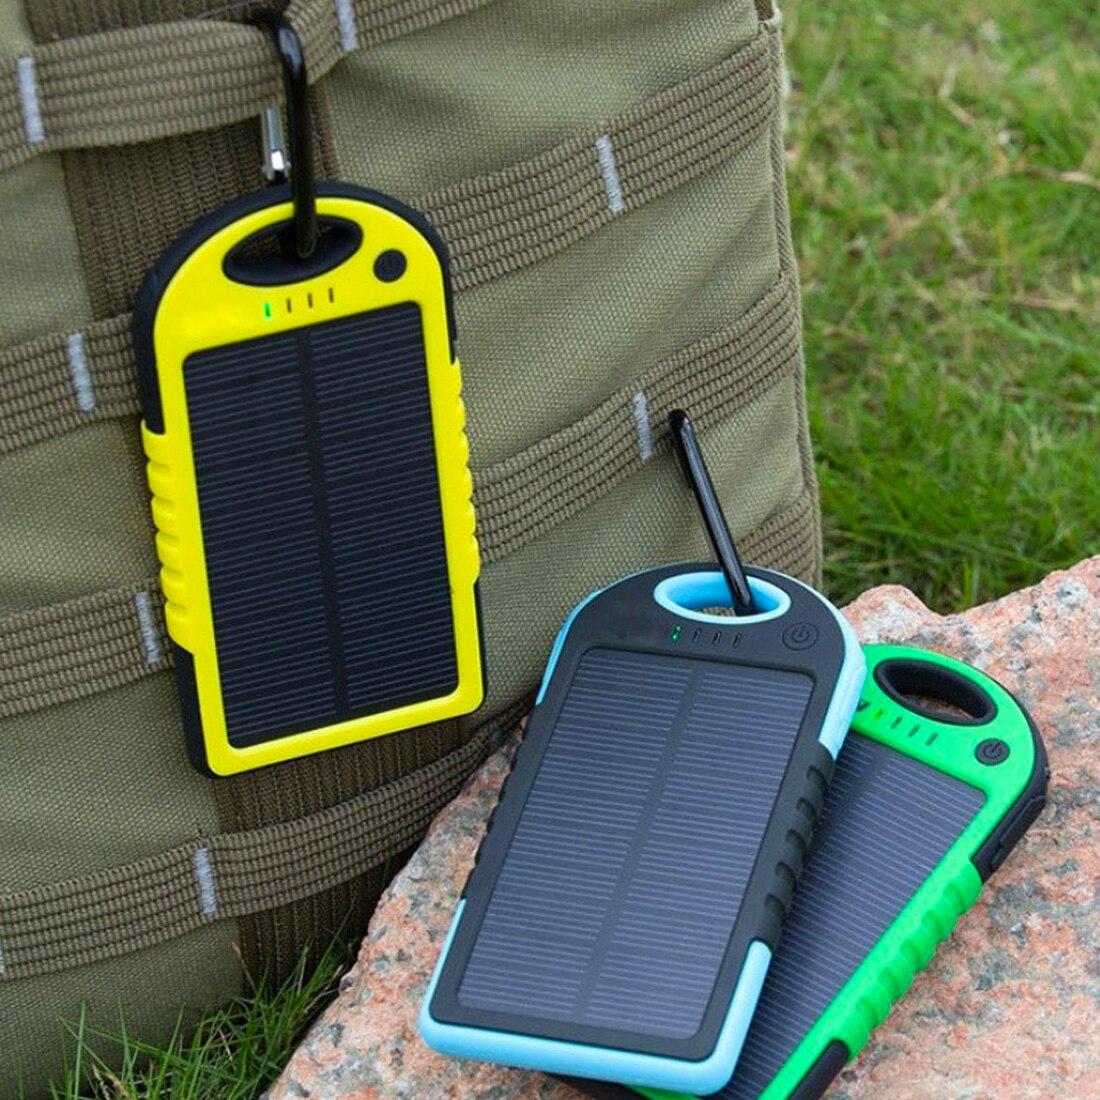 Centechia étanche batterie portable solaire réel 12000 mAh double USB Port externe chargeur de batterie polymère avec lampe de lumière extérieure